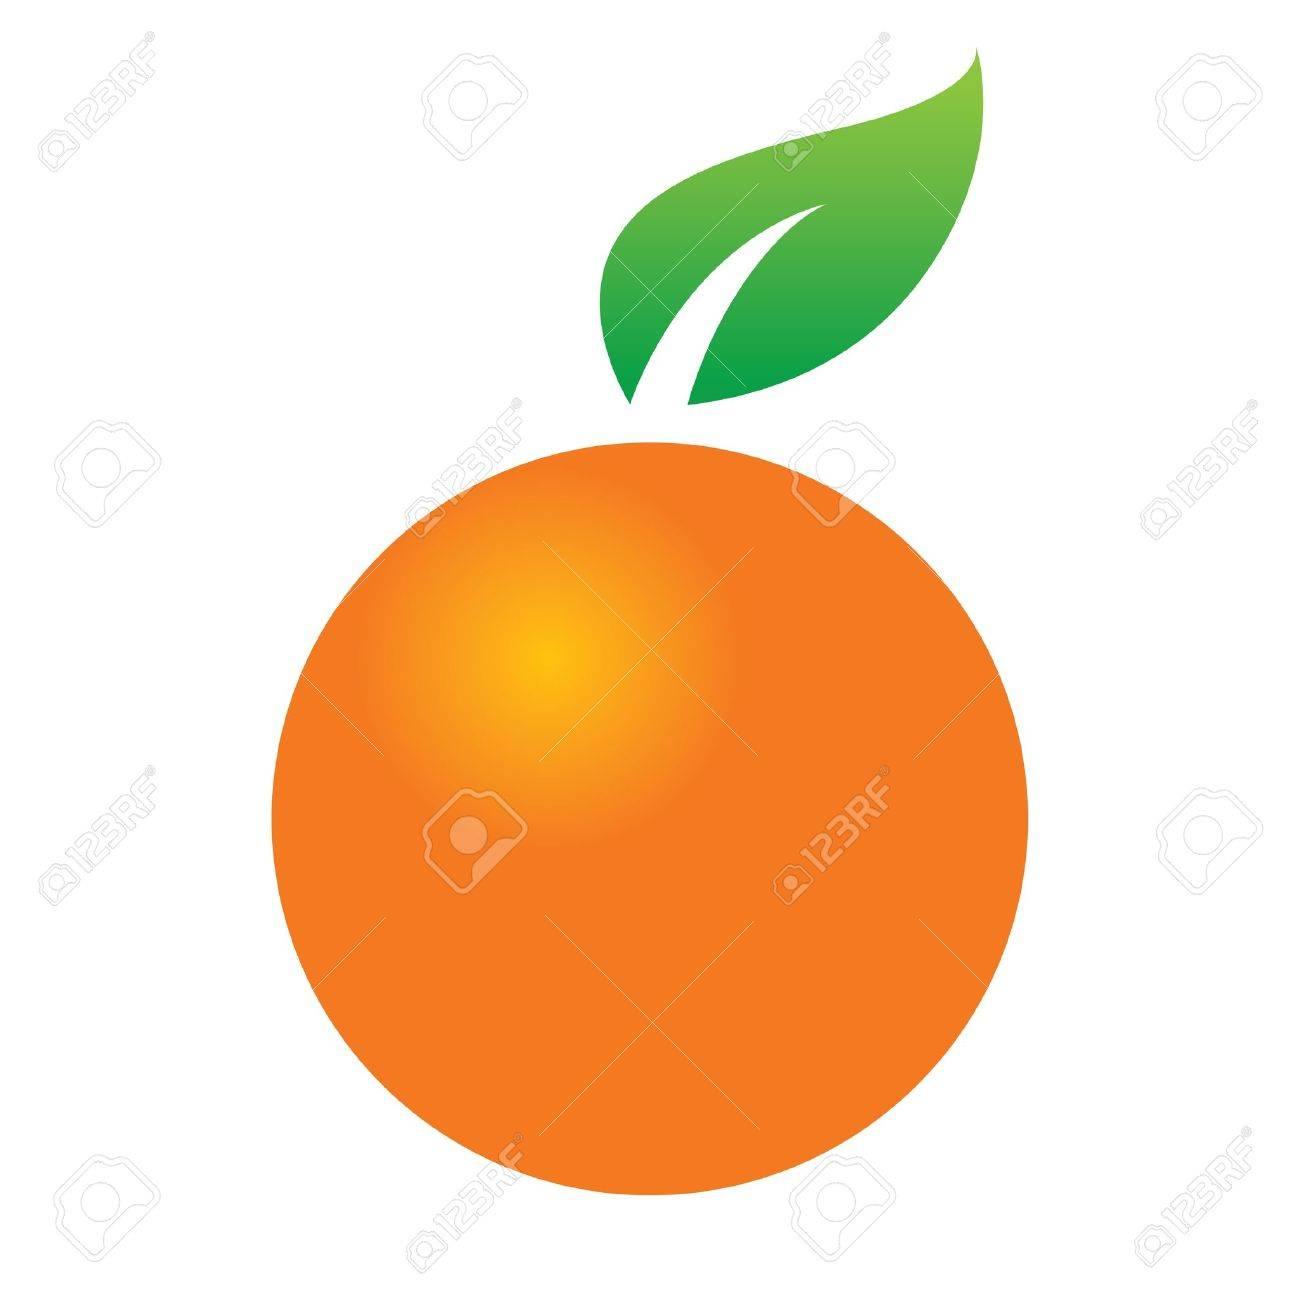 Orange Citrus Fruit Juicy Green Leaf Icon Design Symbol Food